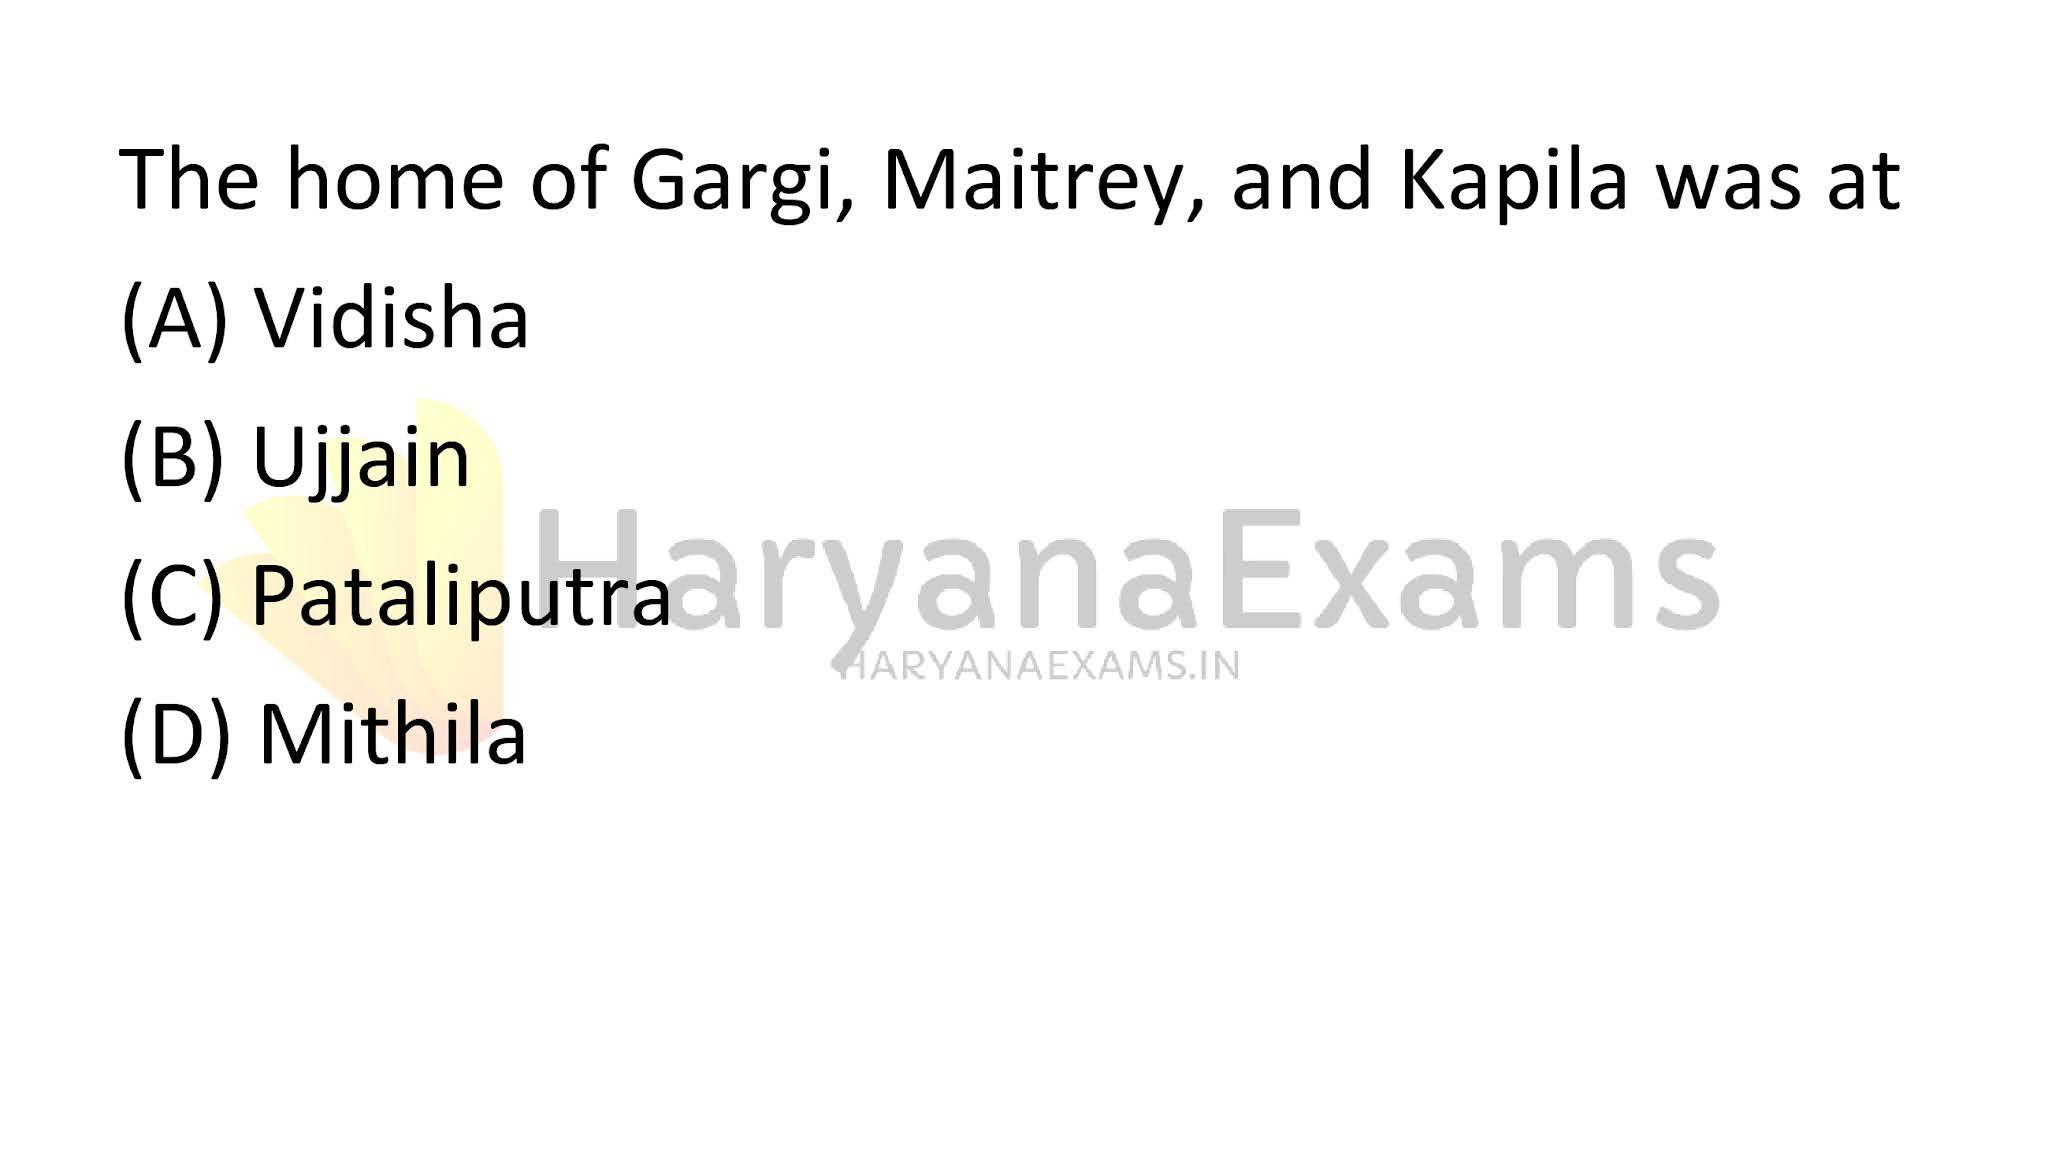 The home of Gargi, Maitrey, and Kapila was at